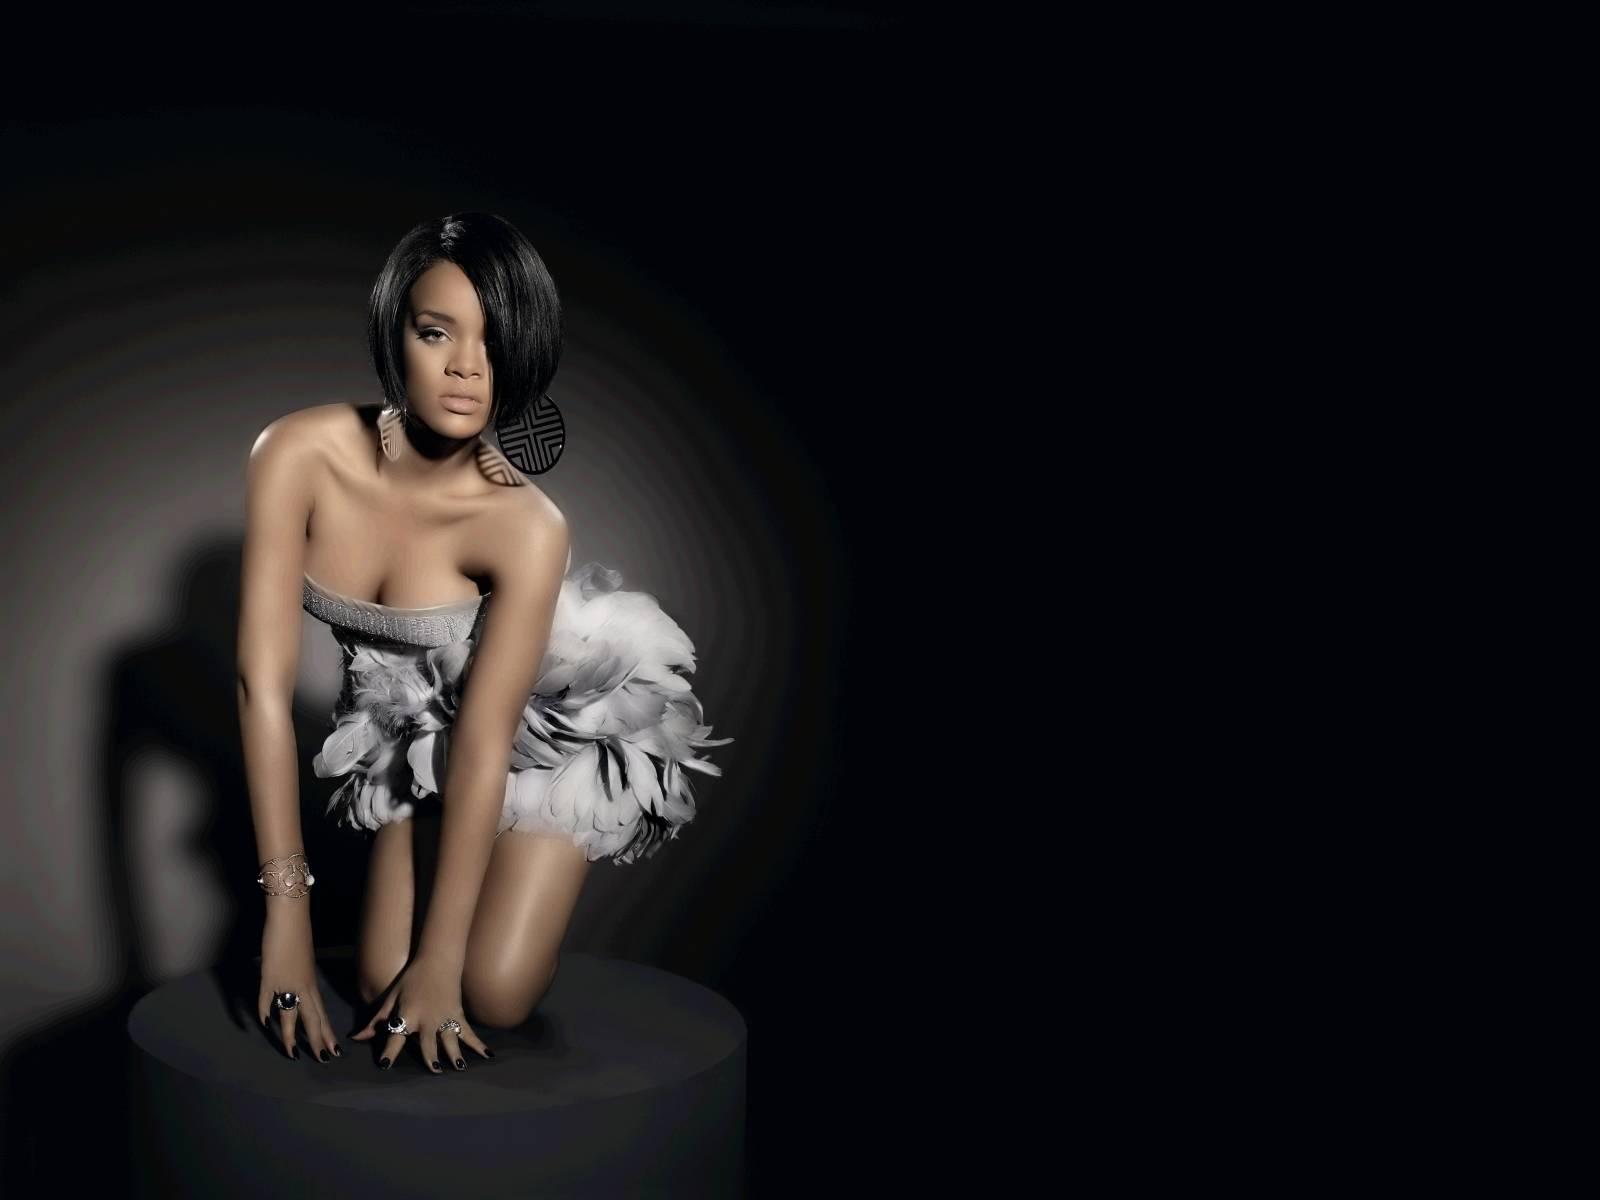 http://1.bp.blogspot.com/_2IU2Nt4rD1k/TCGzFtl_oiI/AAAAAAAABvM/TgnyOk4-n8E/s1600/Rihanna+wallpapers+hq+%283%29.jpg